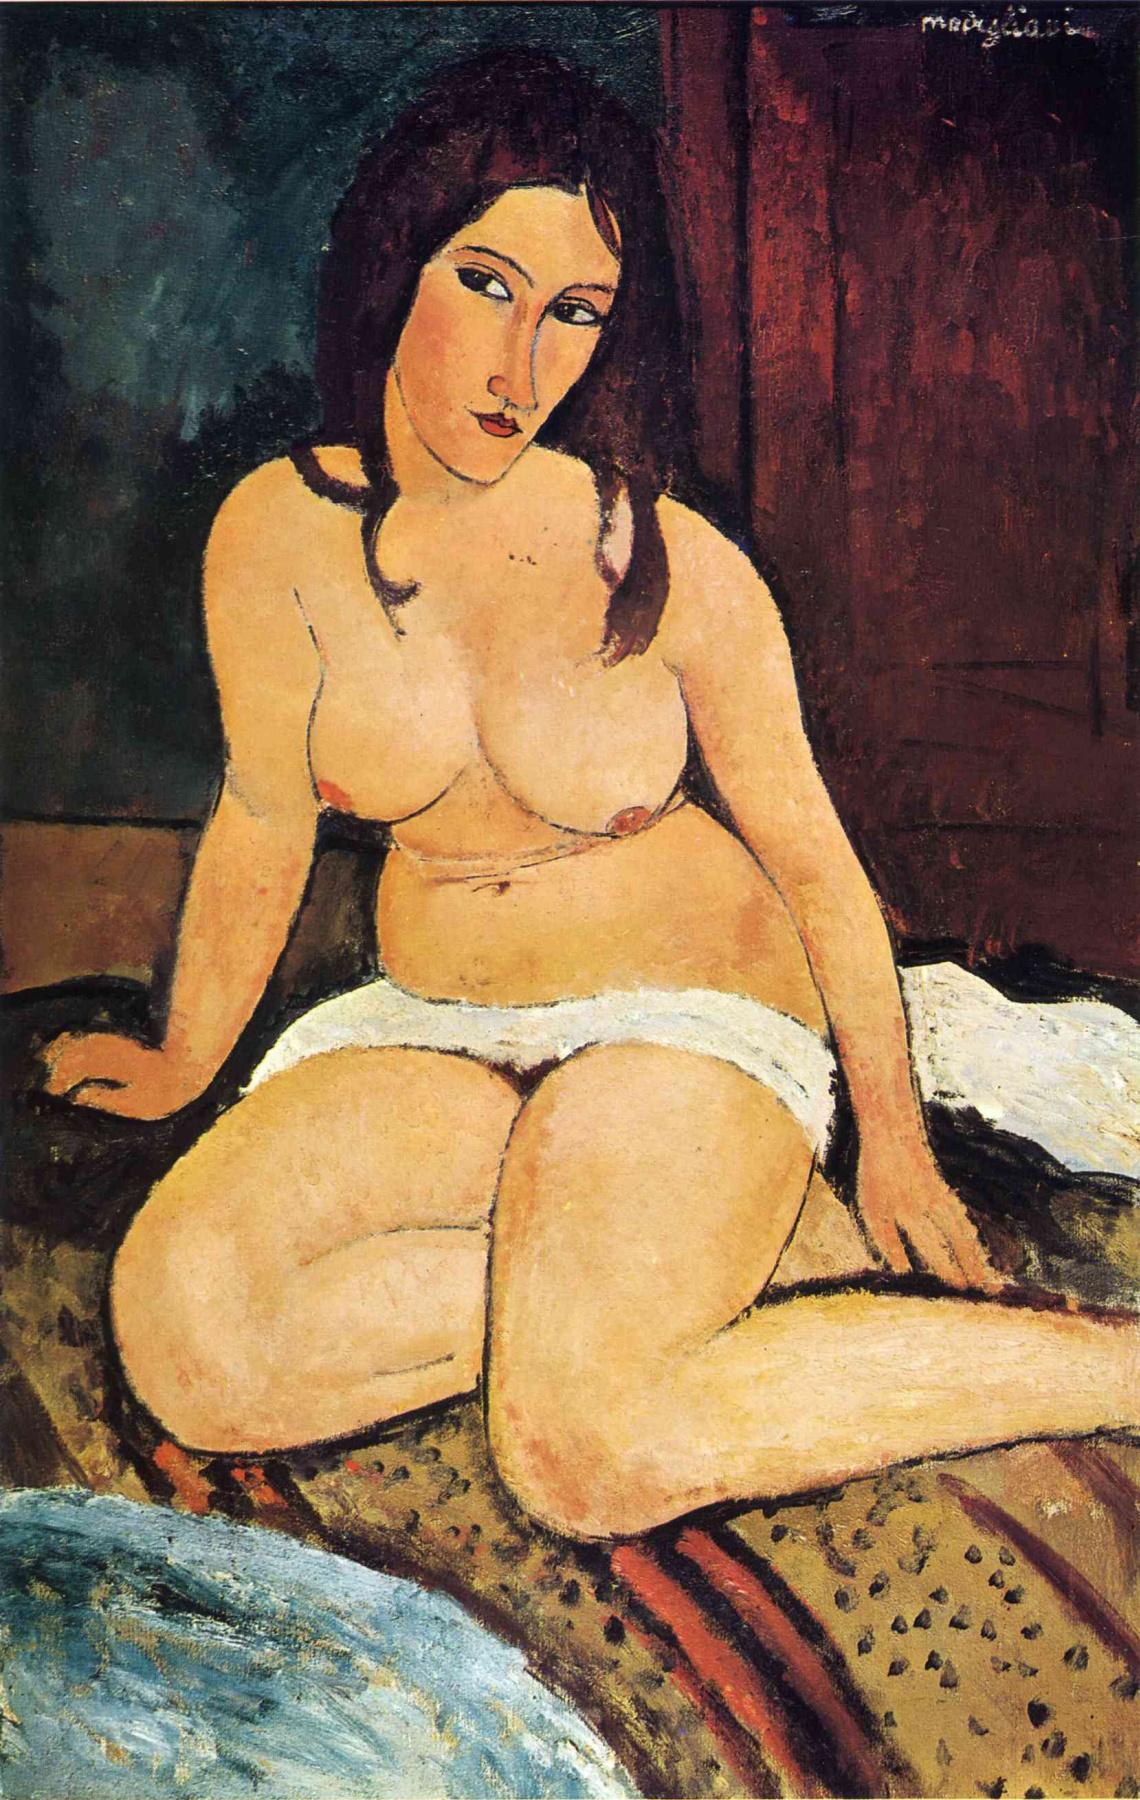 Amedeo Modigliani. Seated Nude